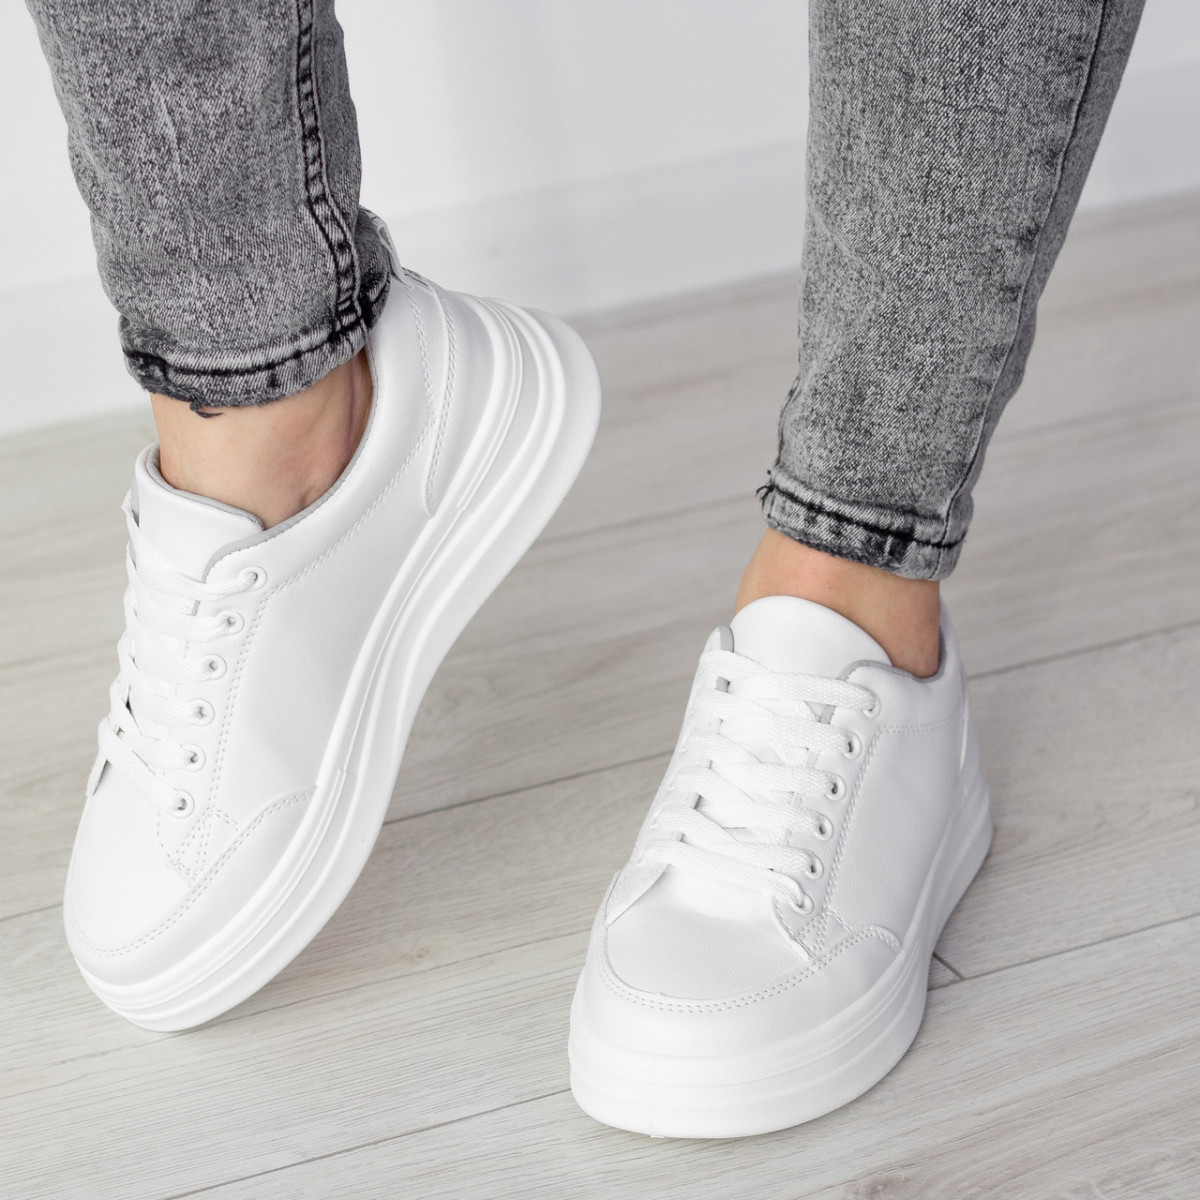 Кросівки жіночі Fashion Boggs 2525 36 розмір 22,5 см Білий 38